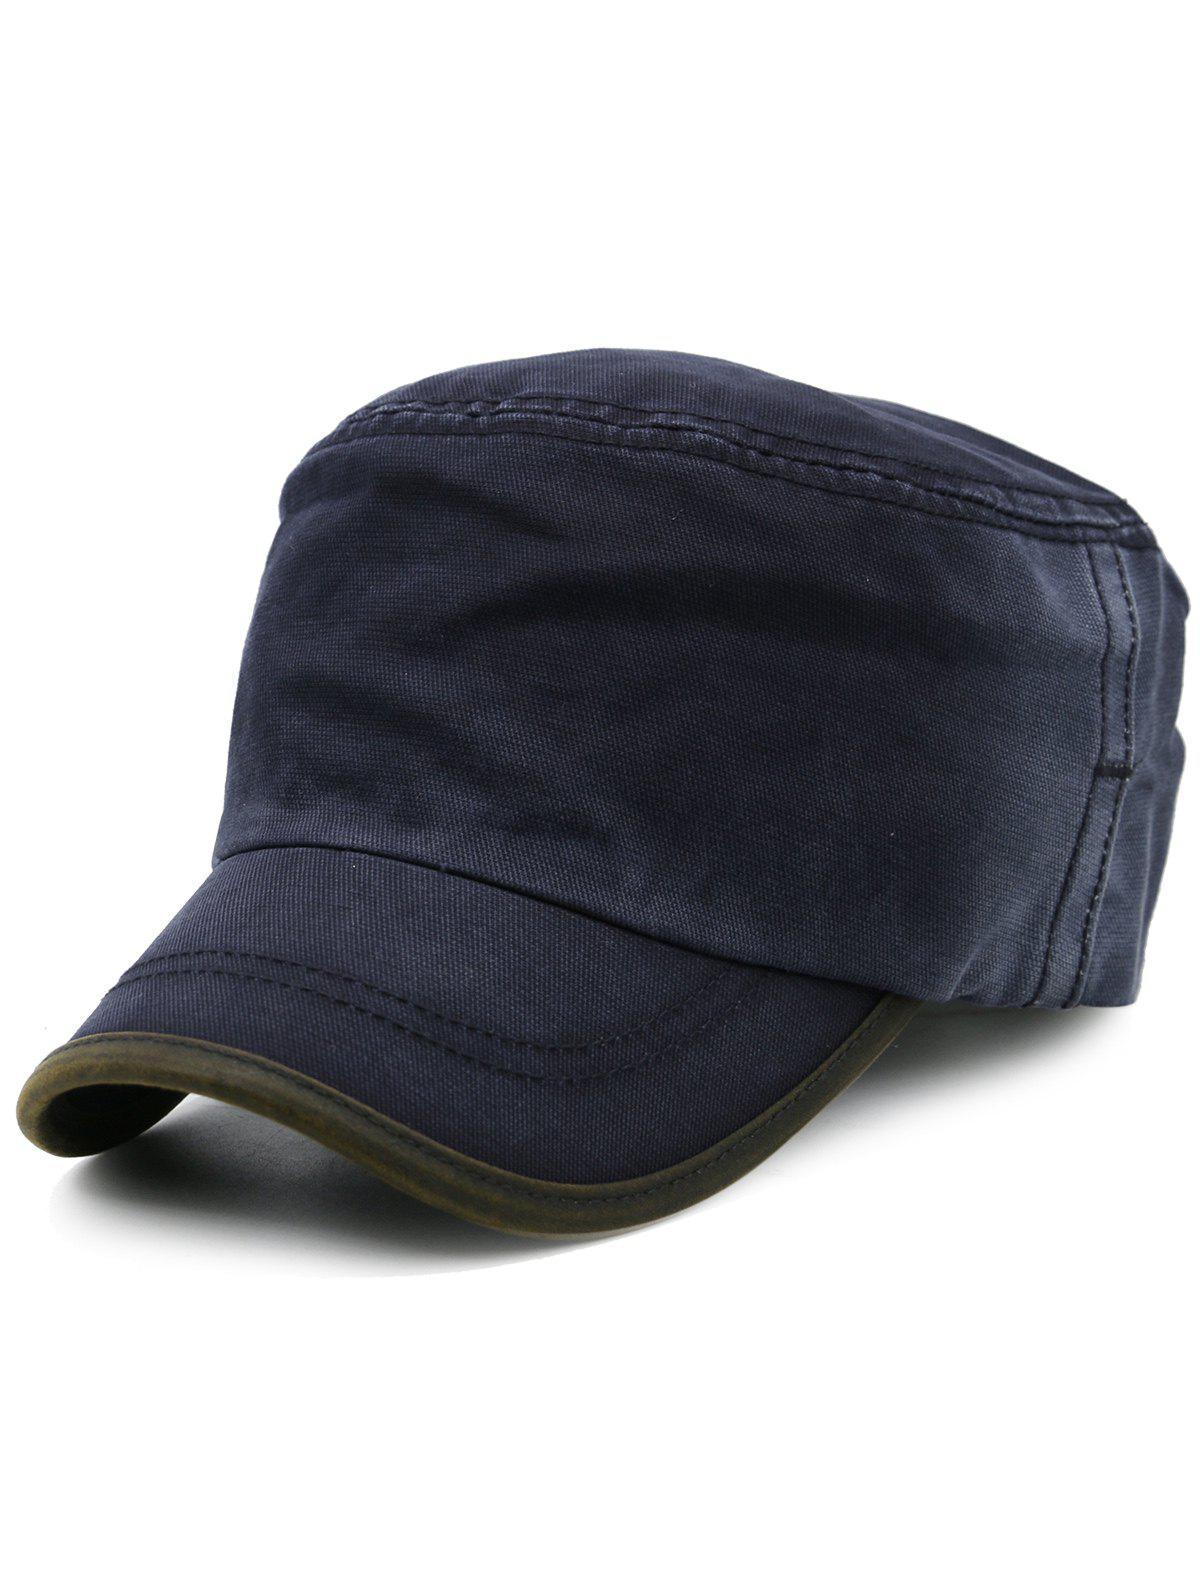 Chapeau militaire de couleur de broderie de gradient de couleur